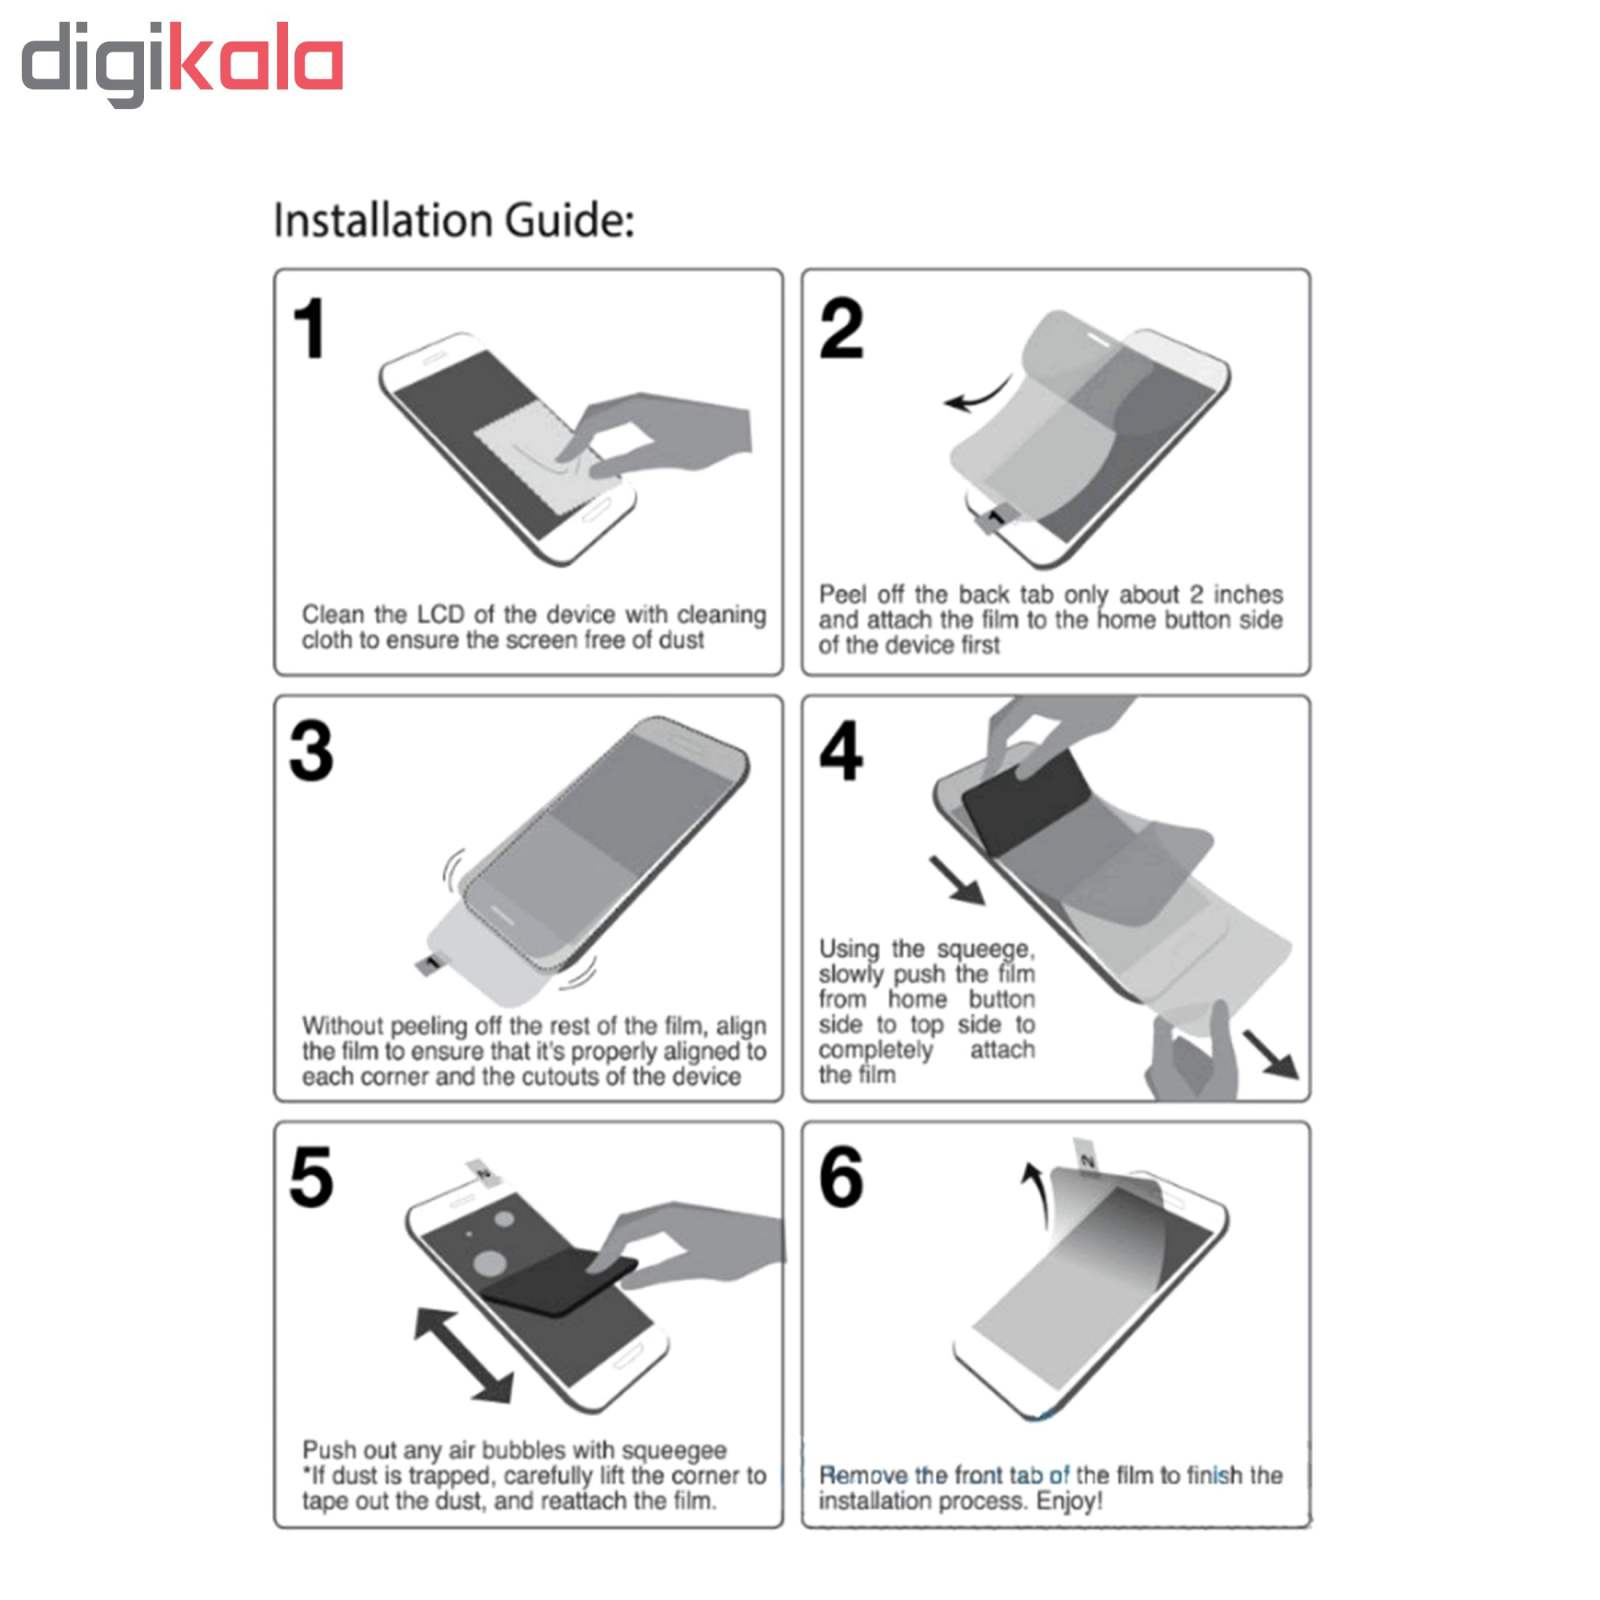 محافظ صفحه نمایش Hard and thick مدل F-01 مناسب برای گوشی موبایل سامسونگ Galaxy A80 main 1 7